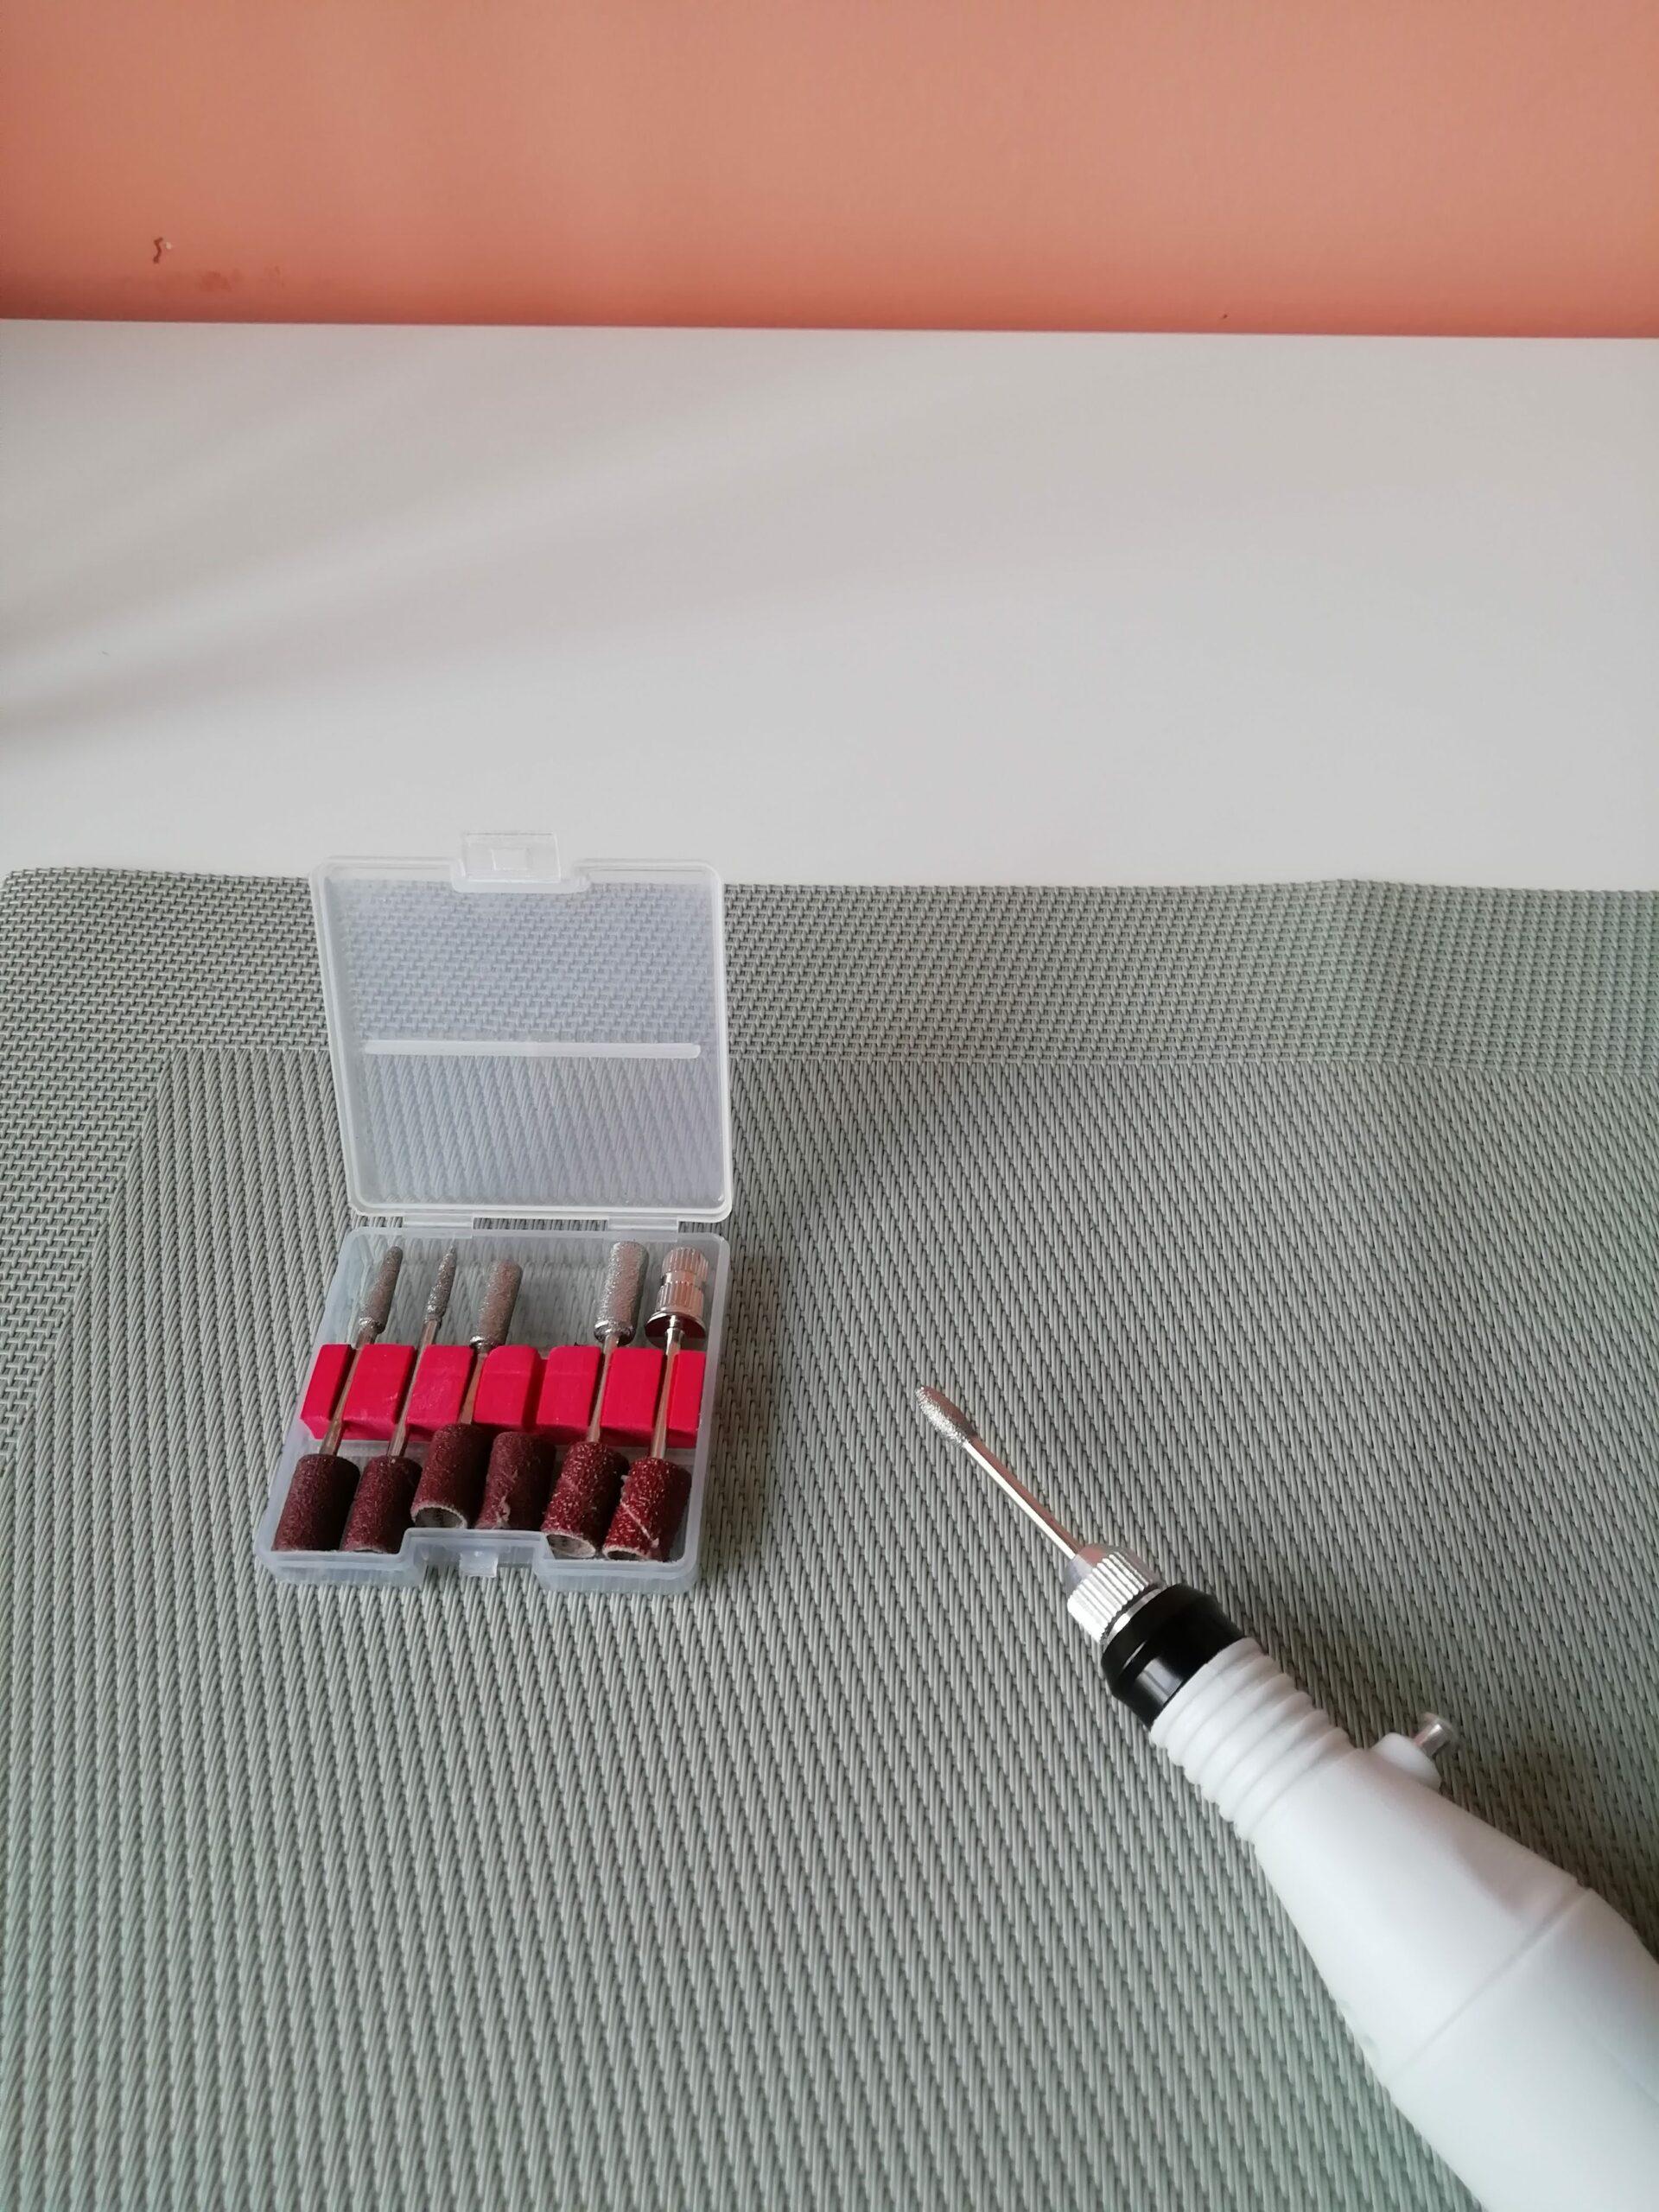 Witte elektrische nagelvijl op groene placemat met roze achtergrond